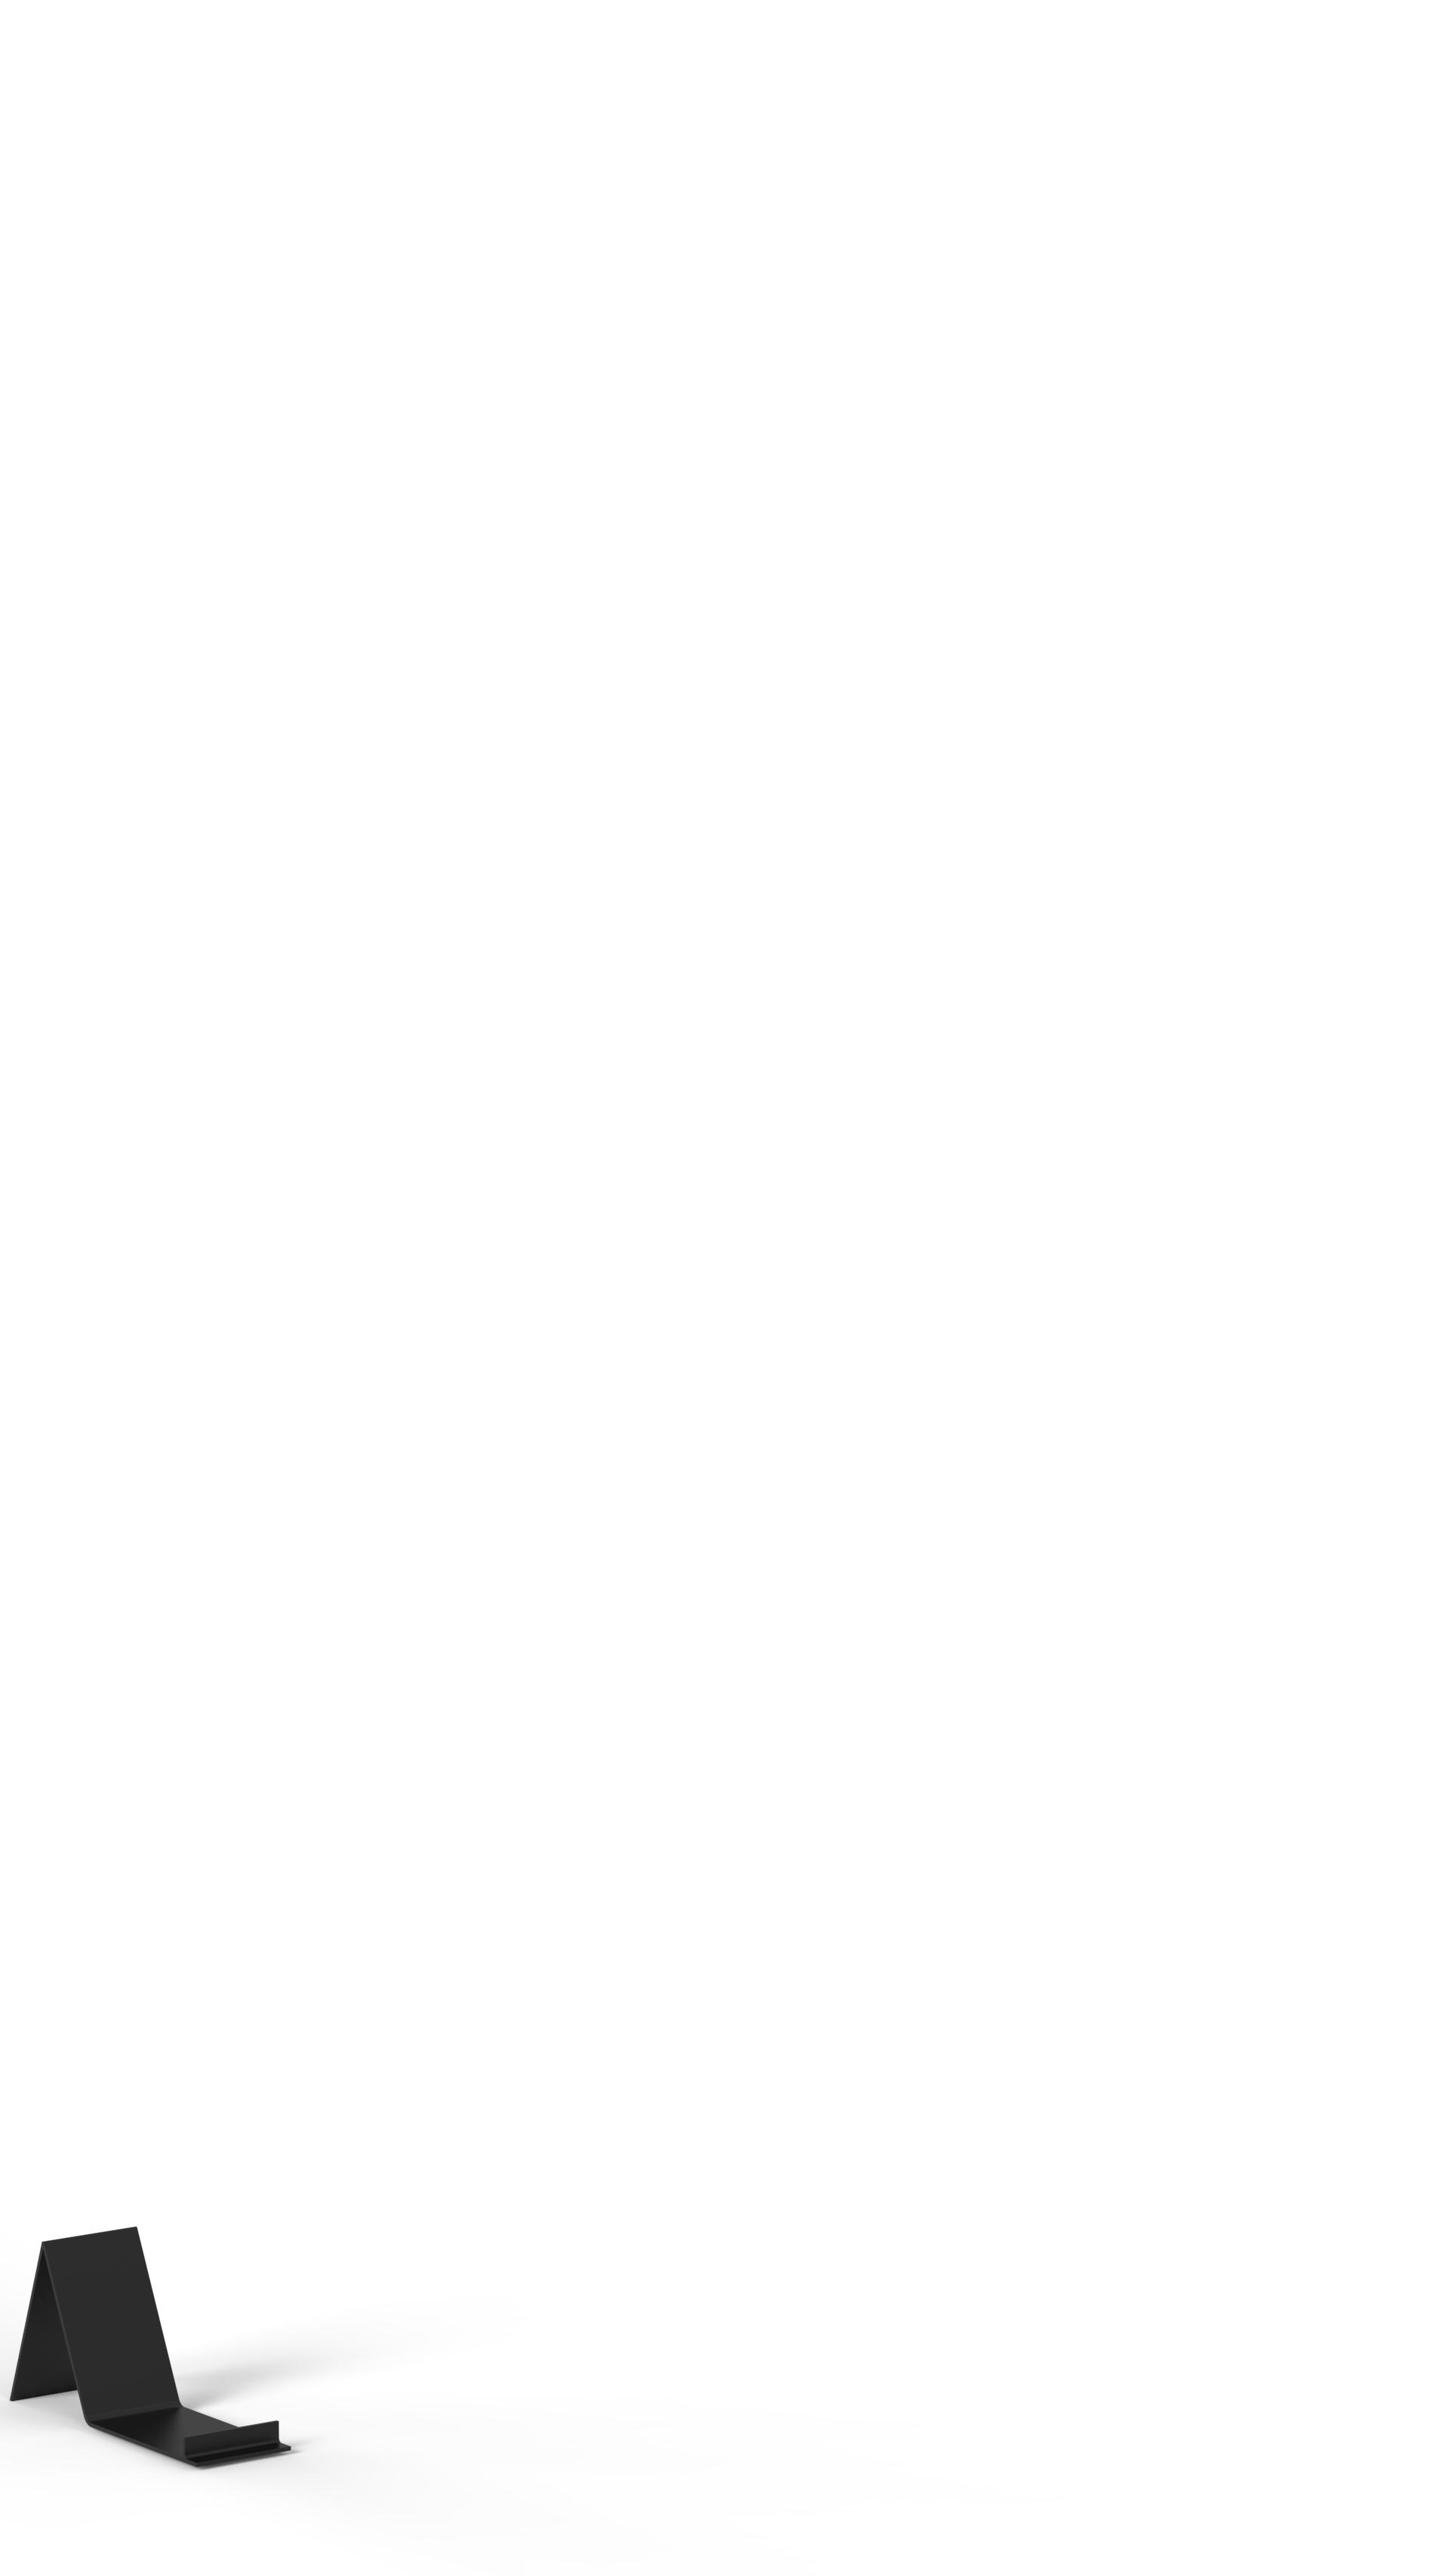 aeroPA4b Présentoir signalétique PLV SAINT-HONORÉ PARIS